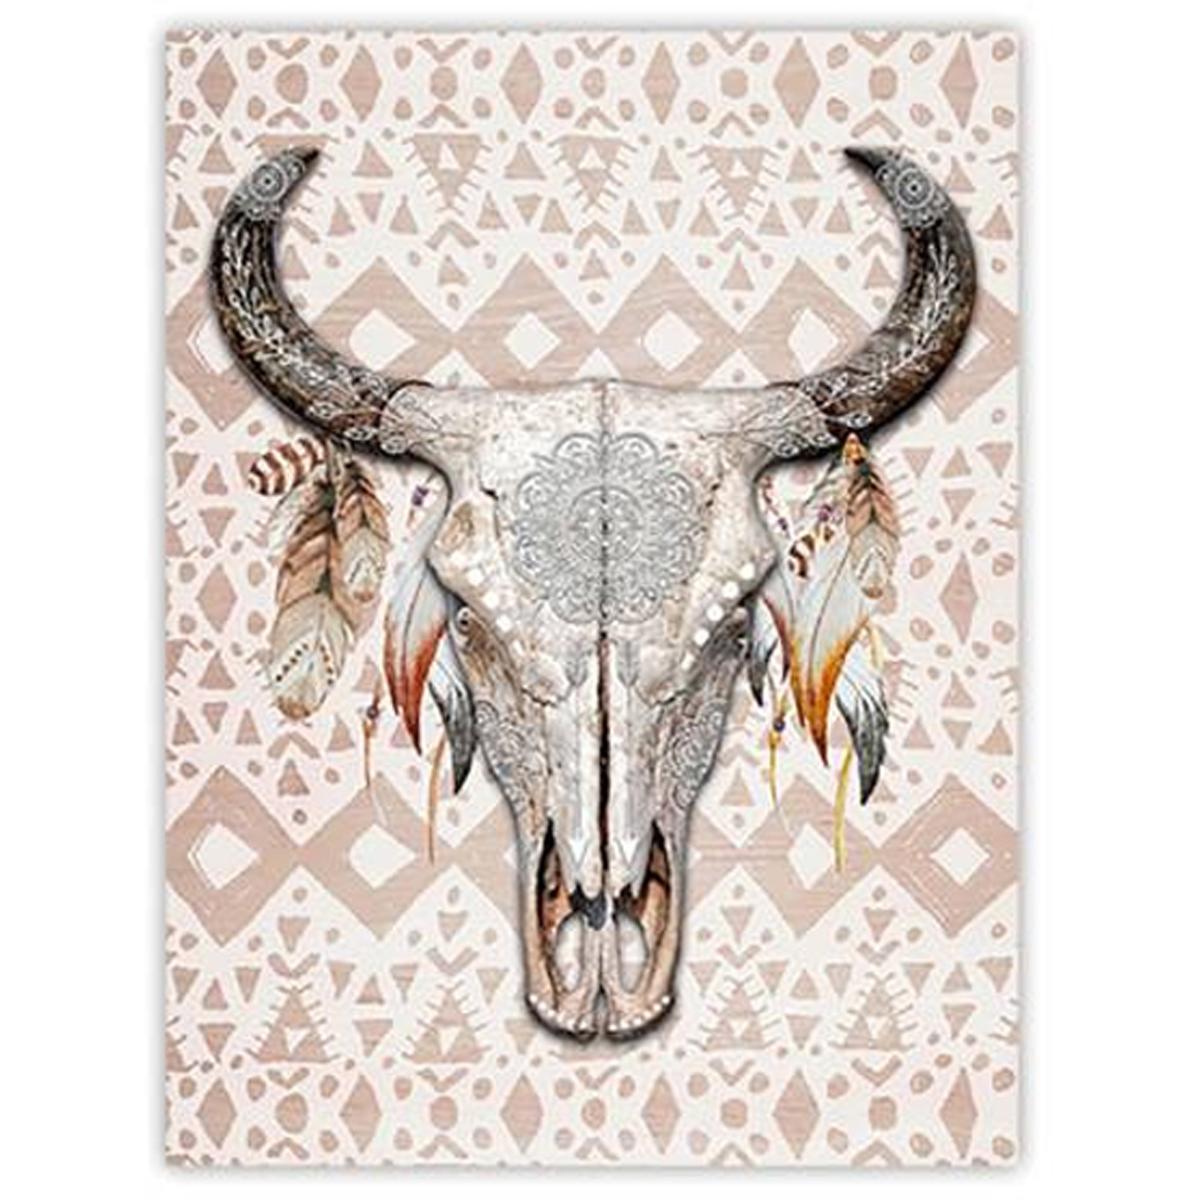 Toile \'Boho\' gris multicolore (Crâne de bison) - 40x30 cm - [P3121]